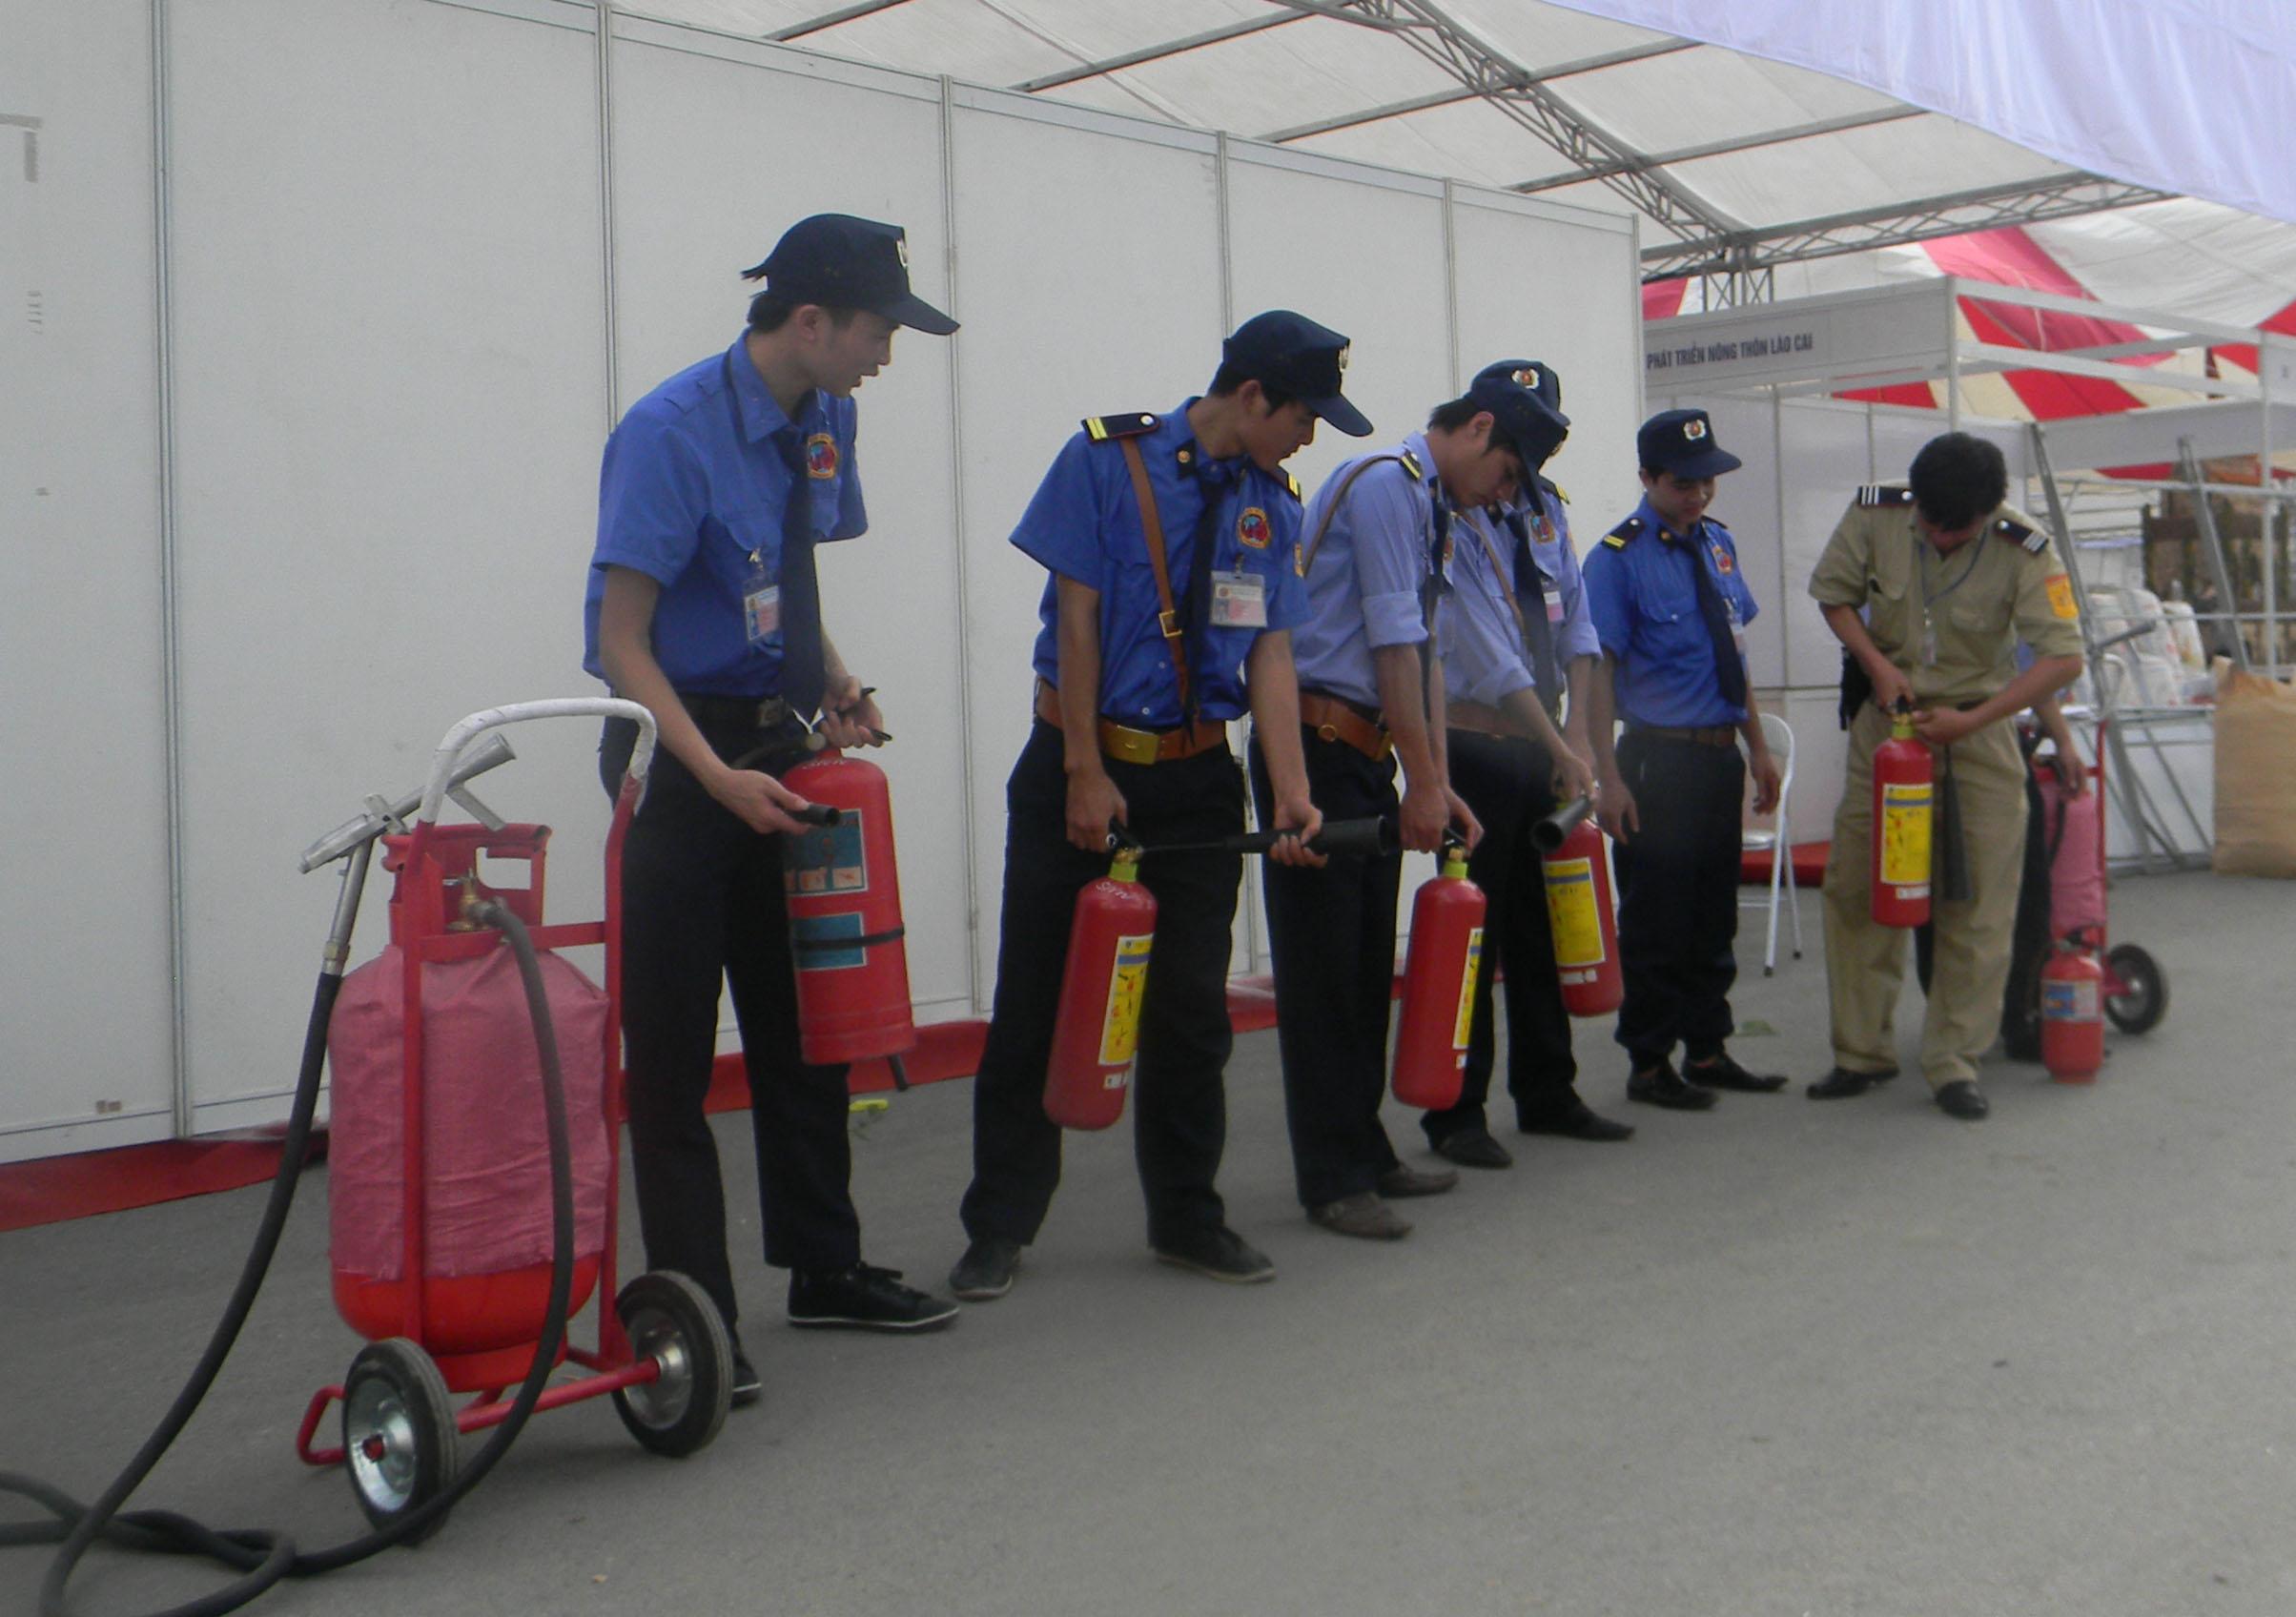 Kết quả hình ảnh cho chữa cháy nhân viên bảo vệ cần biết